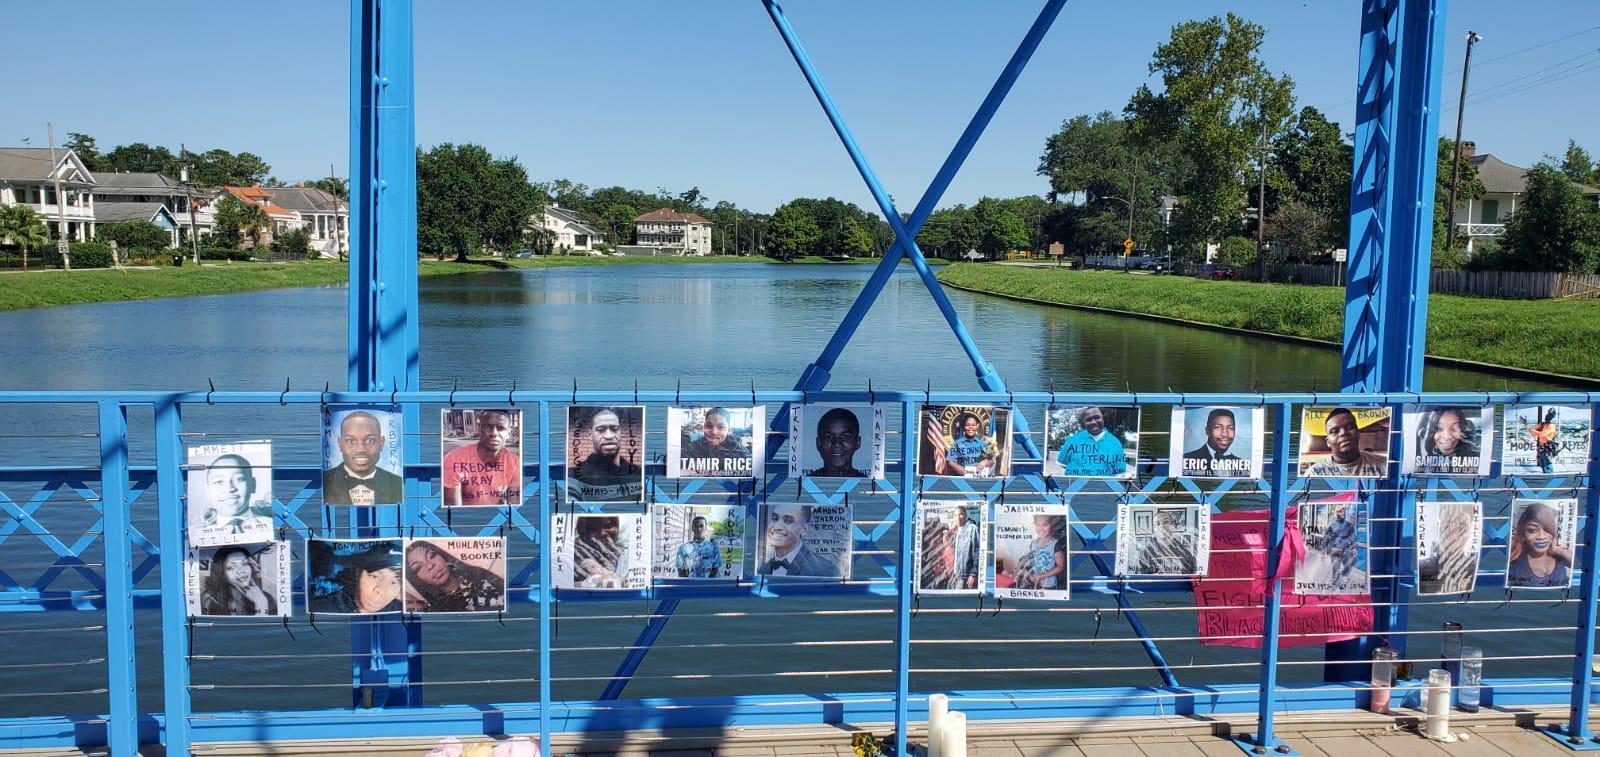 Photography image - Loading bridge_11.jpeg